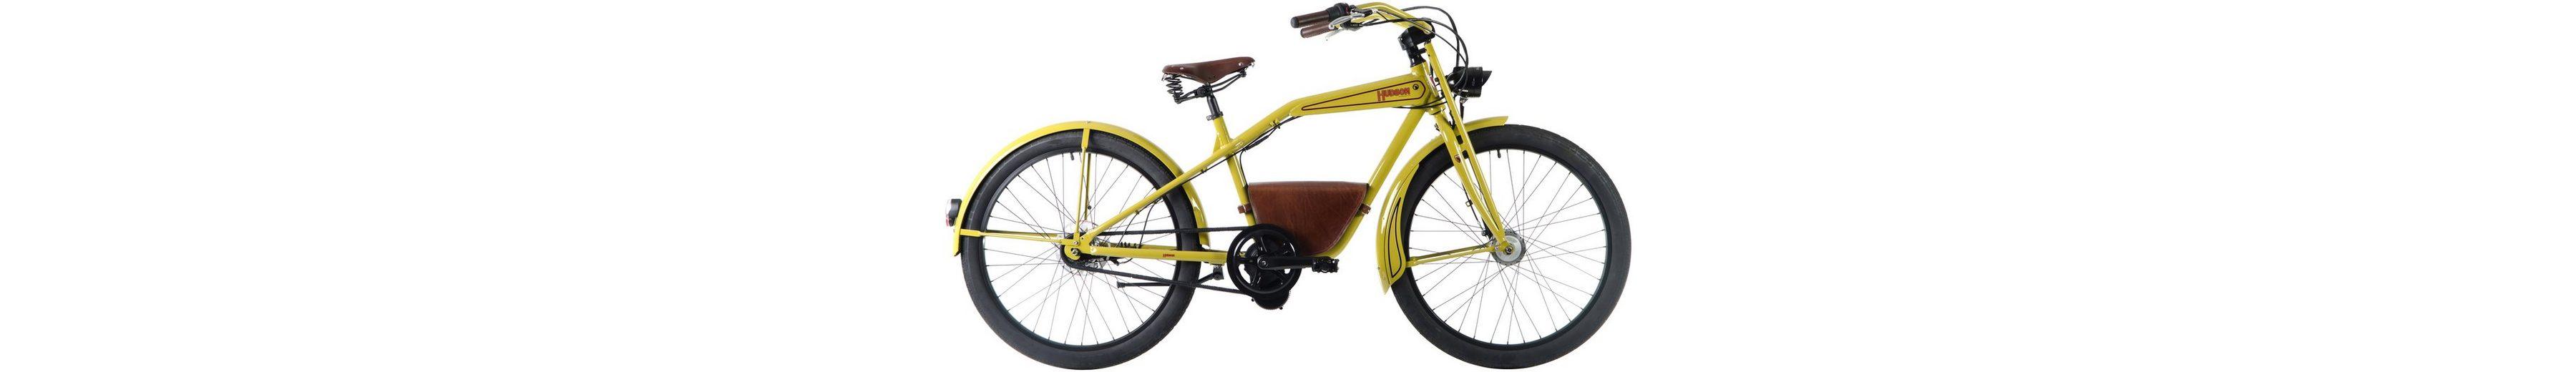 E-Bike City Herren »Hudson«, 26 Zoll, 7 Gang, Mittelmotor, 241 Wh